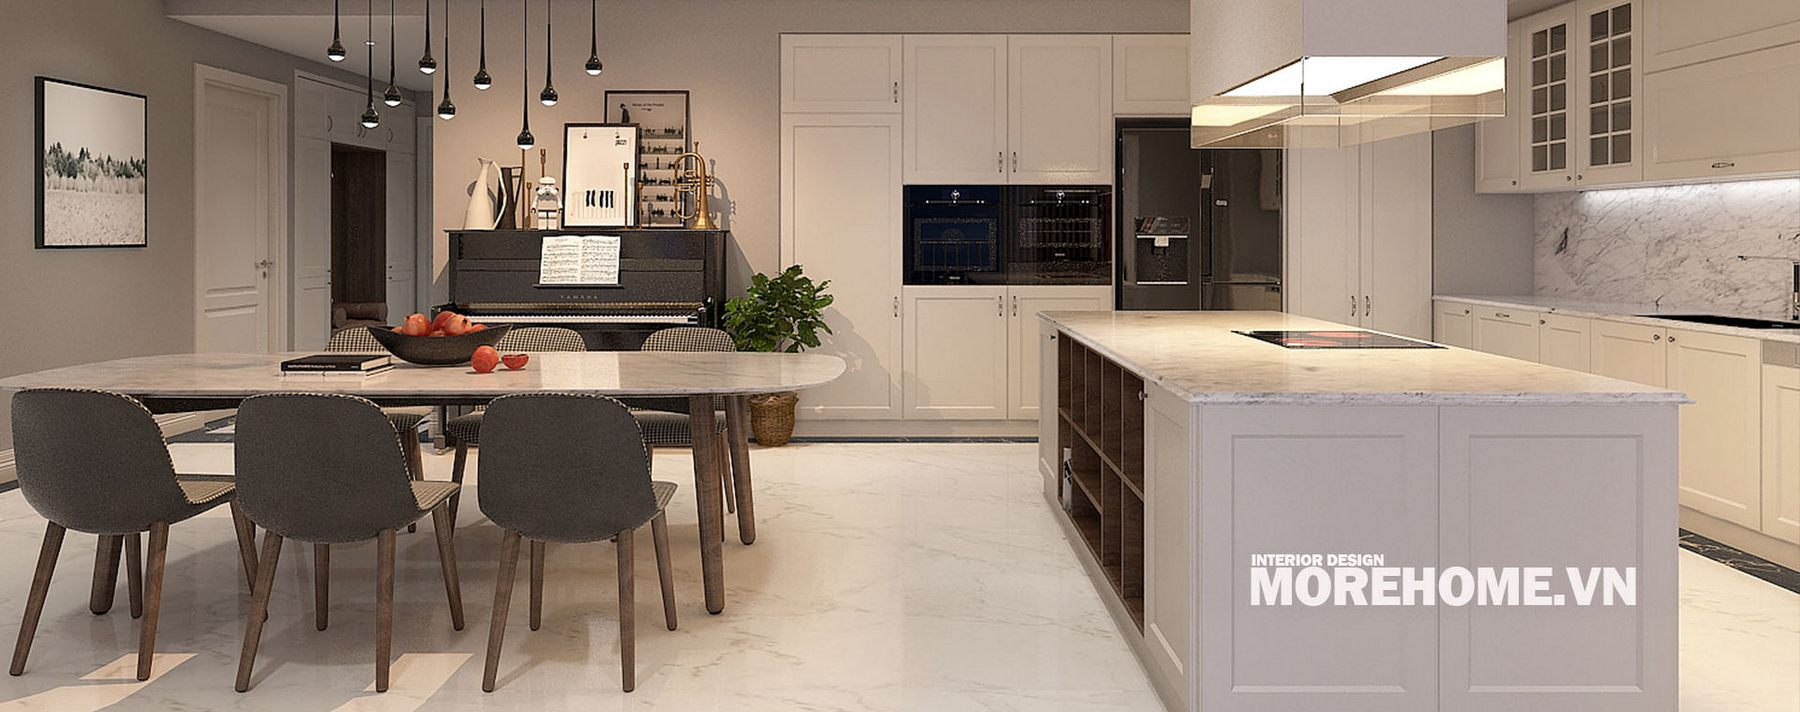 Thiết kế nội thất phòng khách chung cư Keangnam Nam Từ Liêm